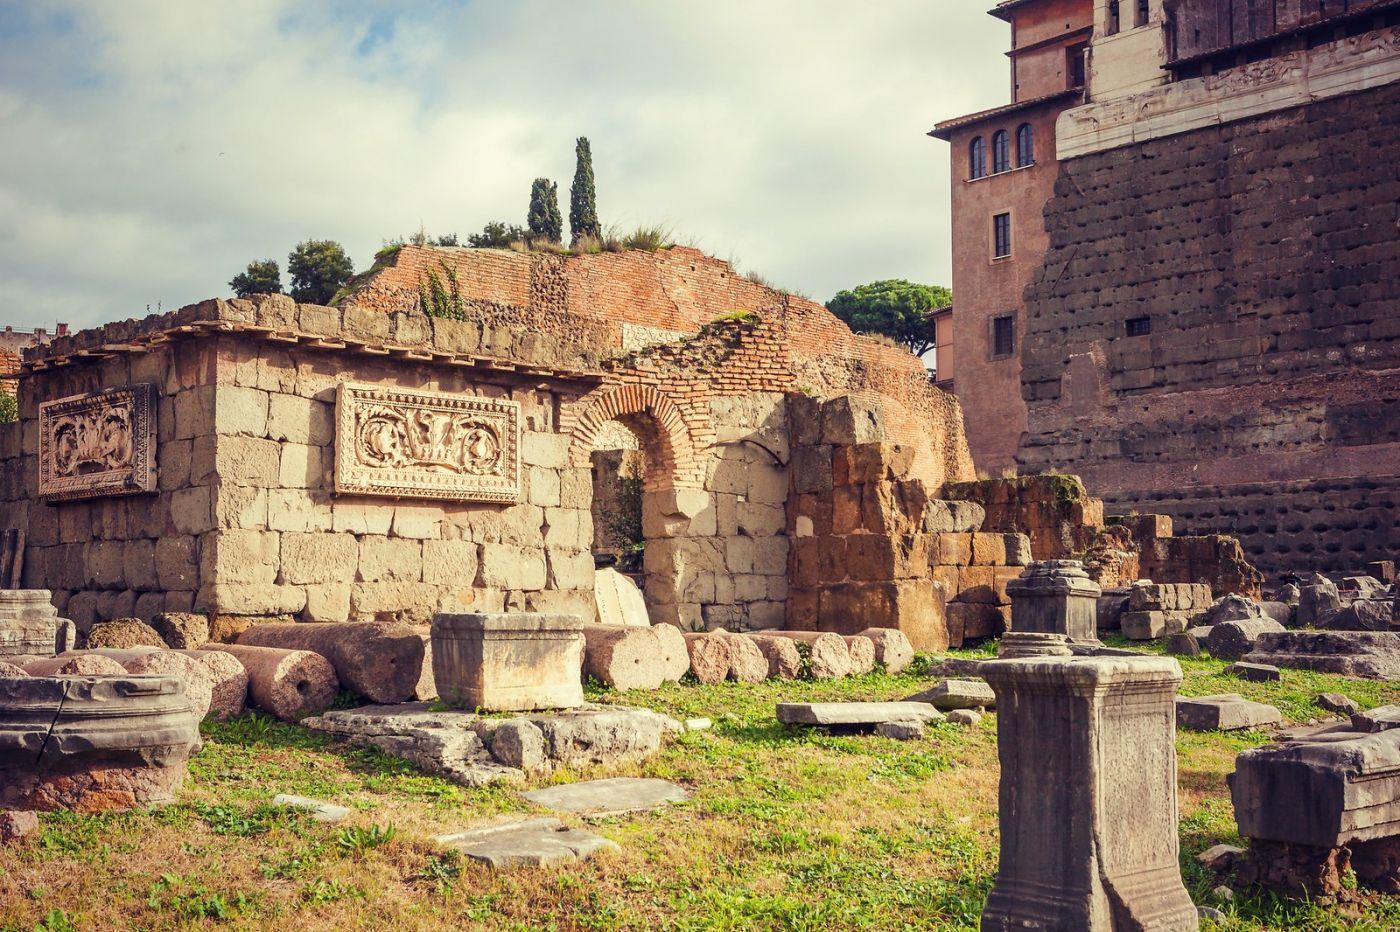 意大利罗马论坛,很敬佩_图1-17